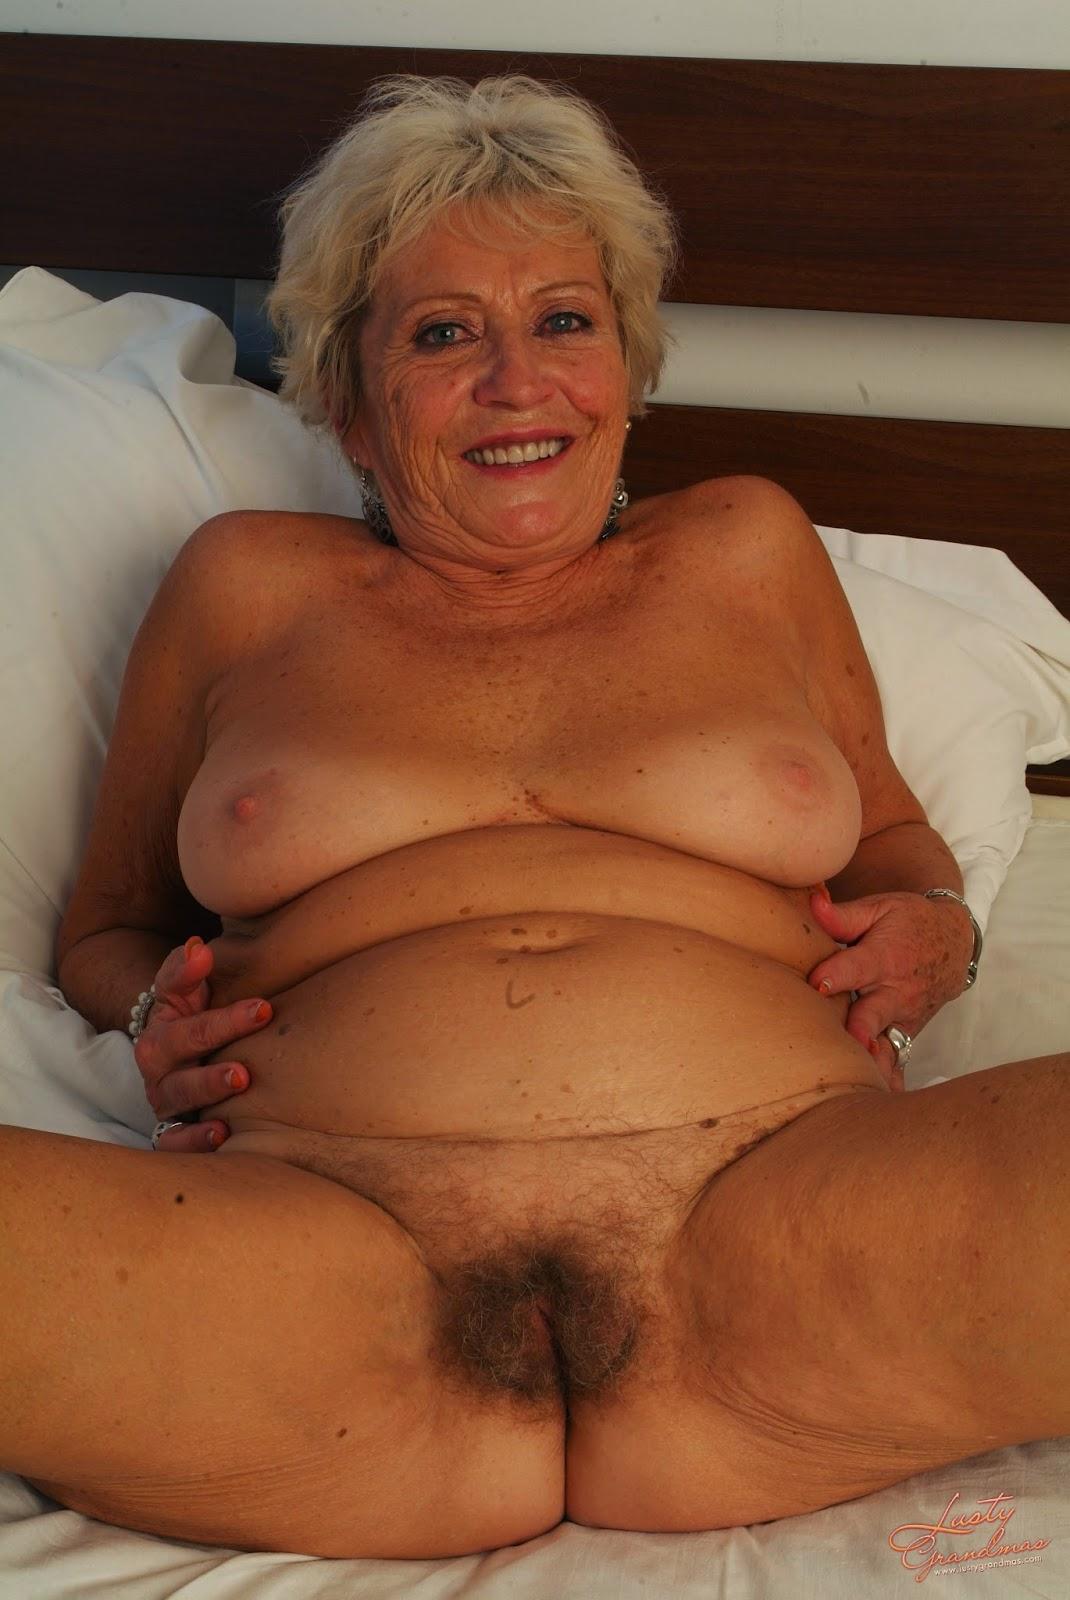 A granny porn